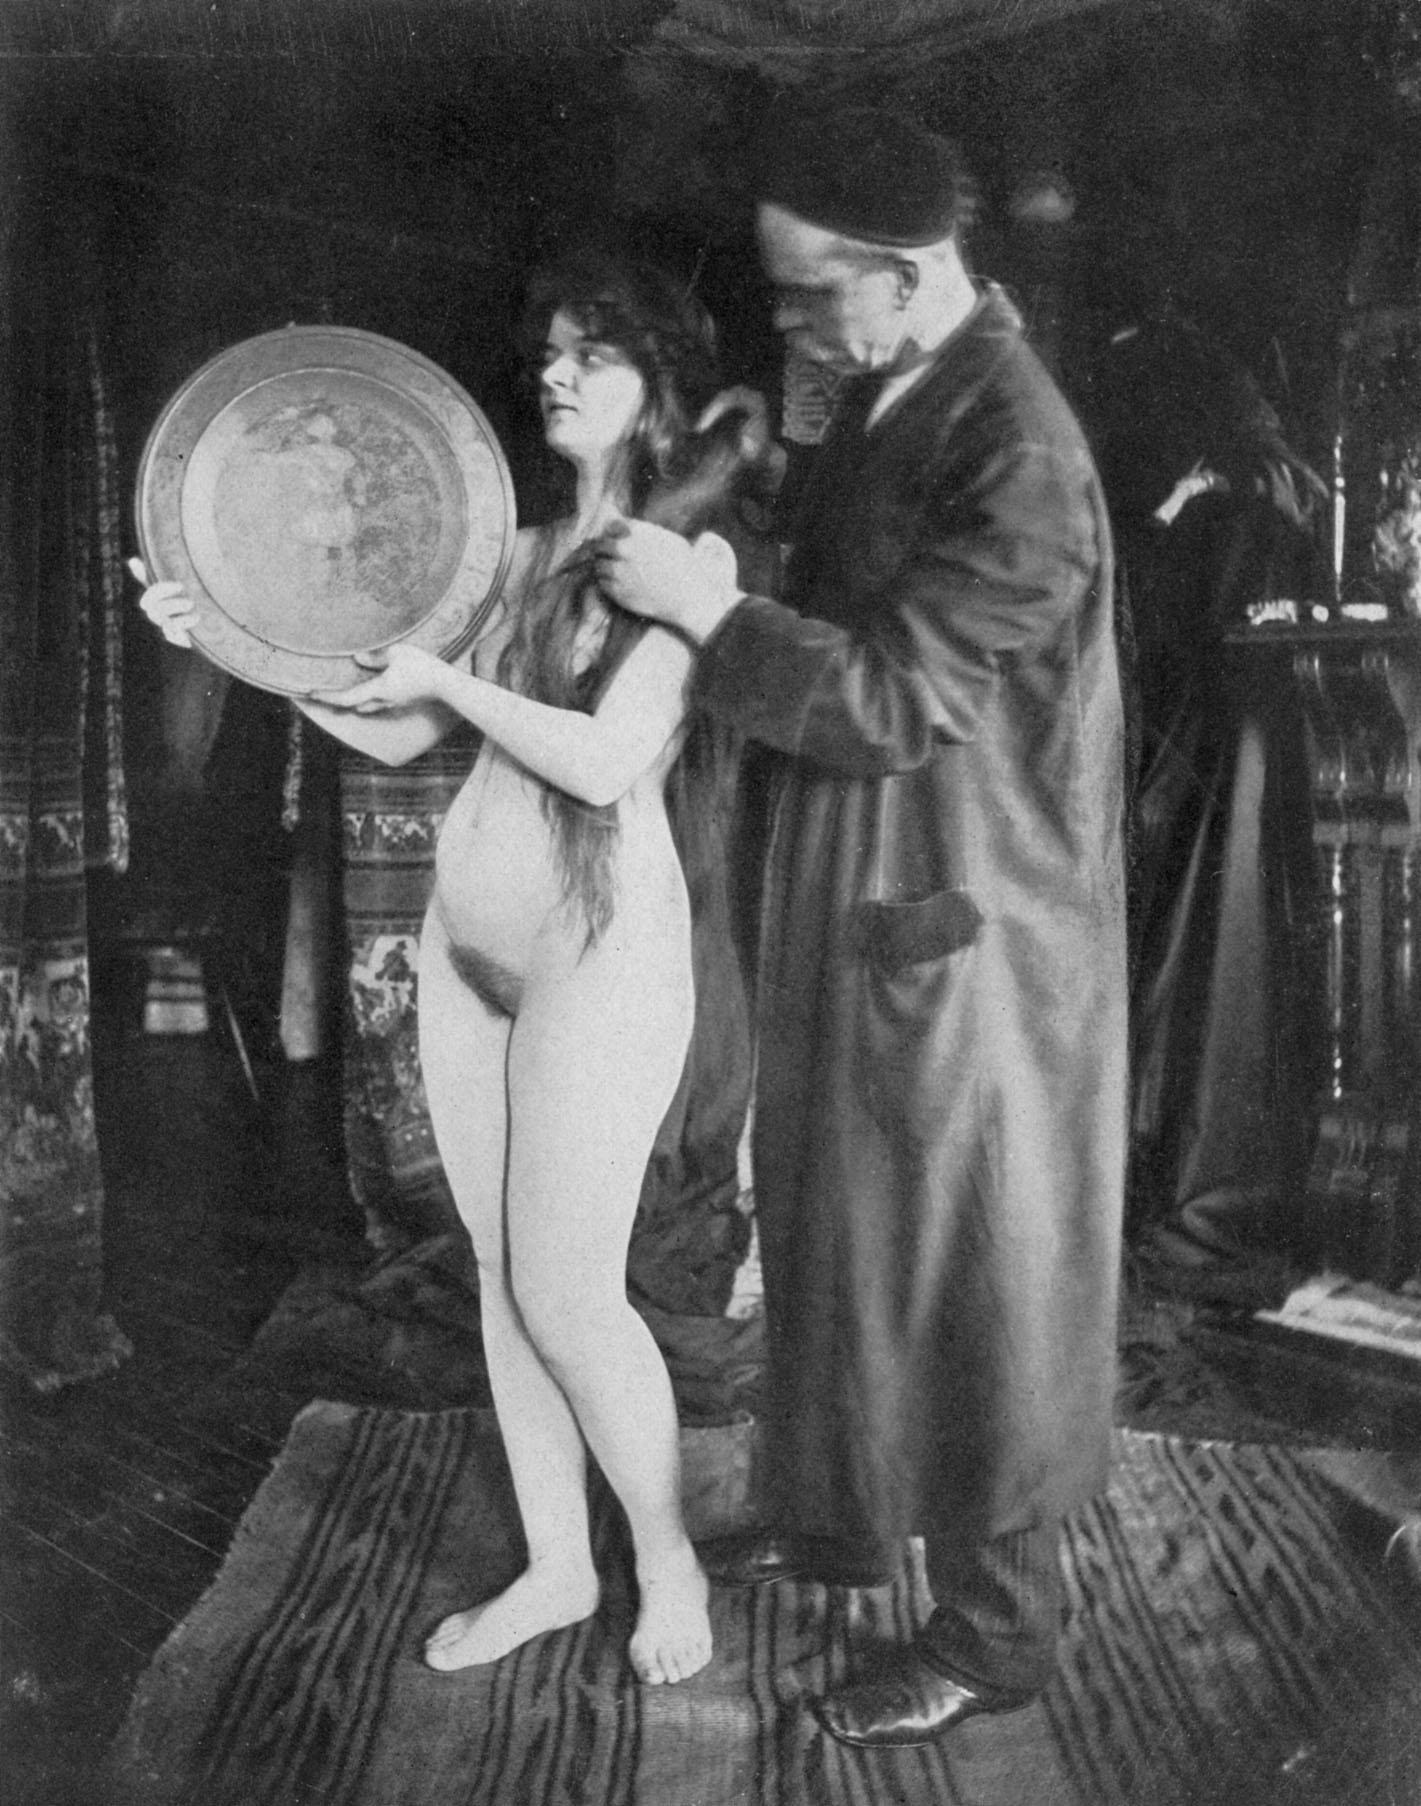 Junior nudist vintage photo